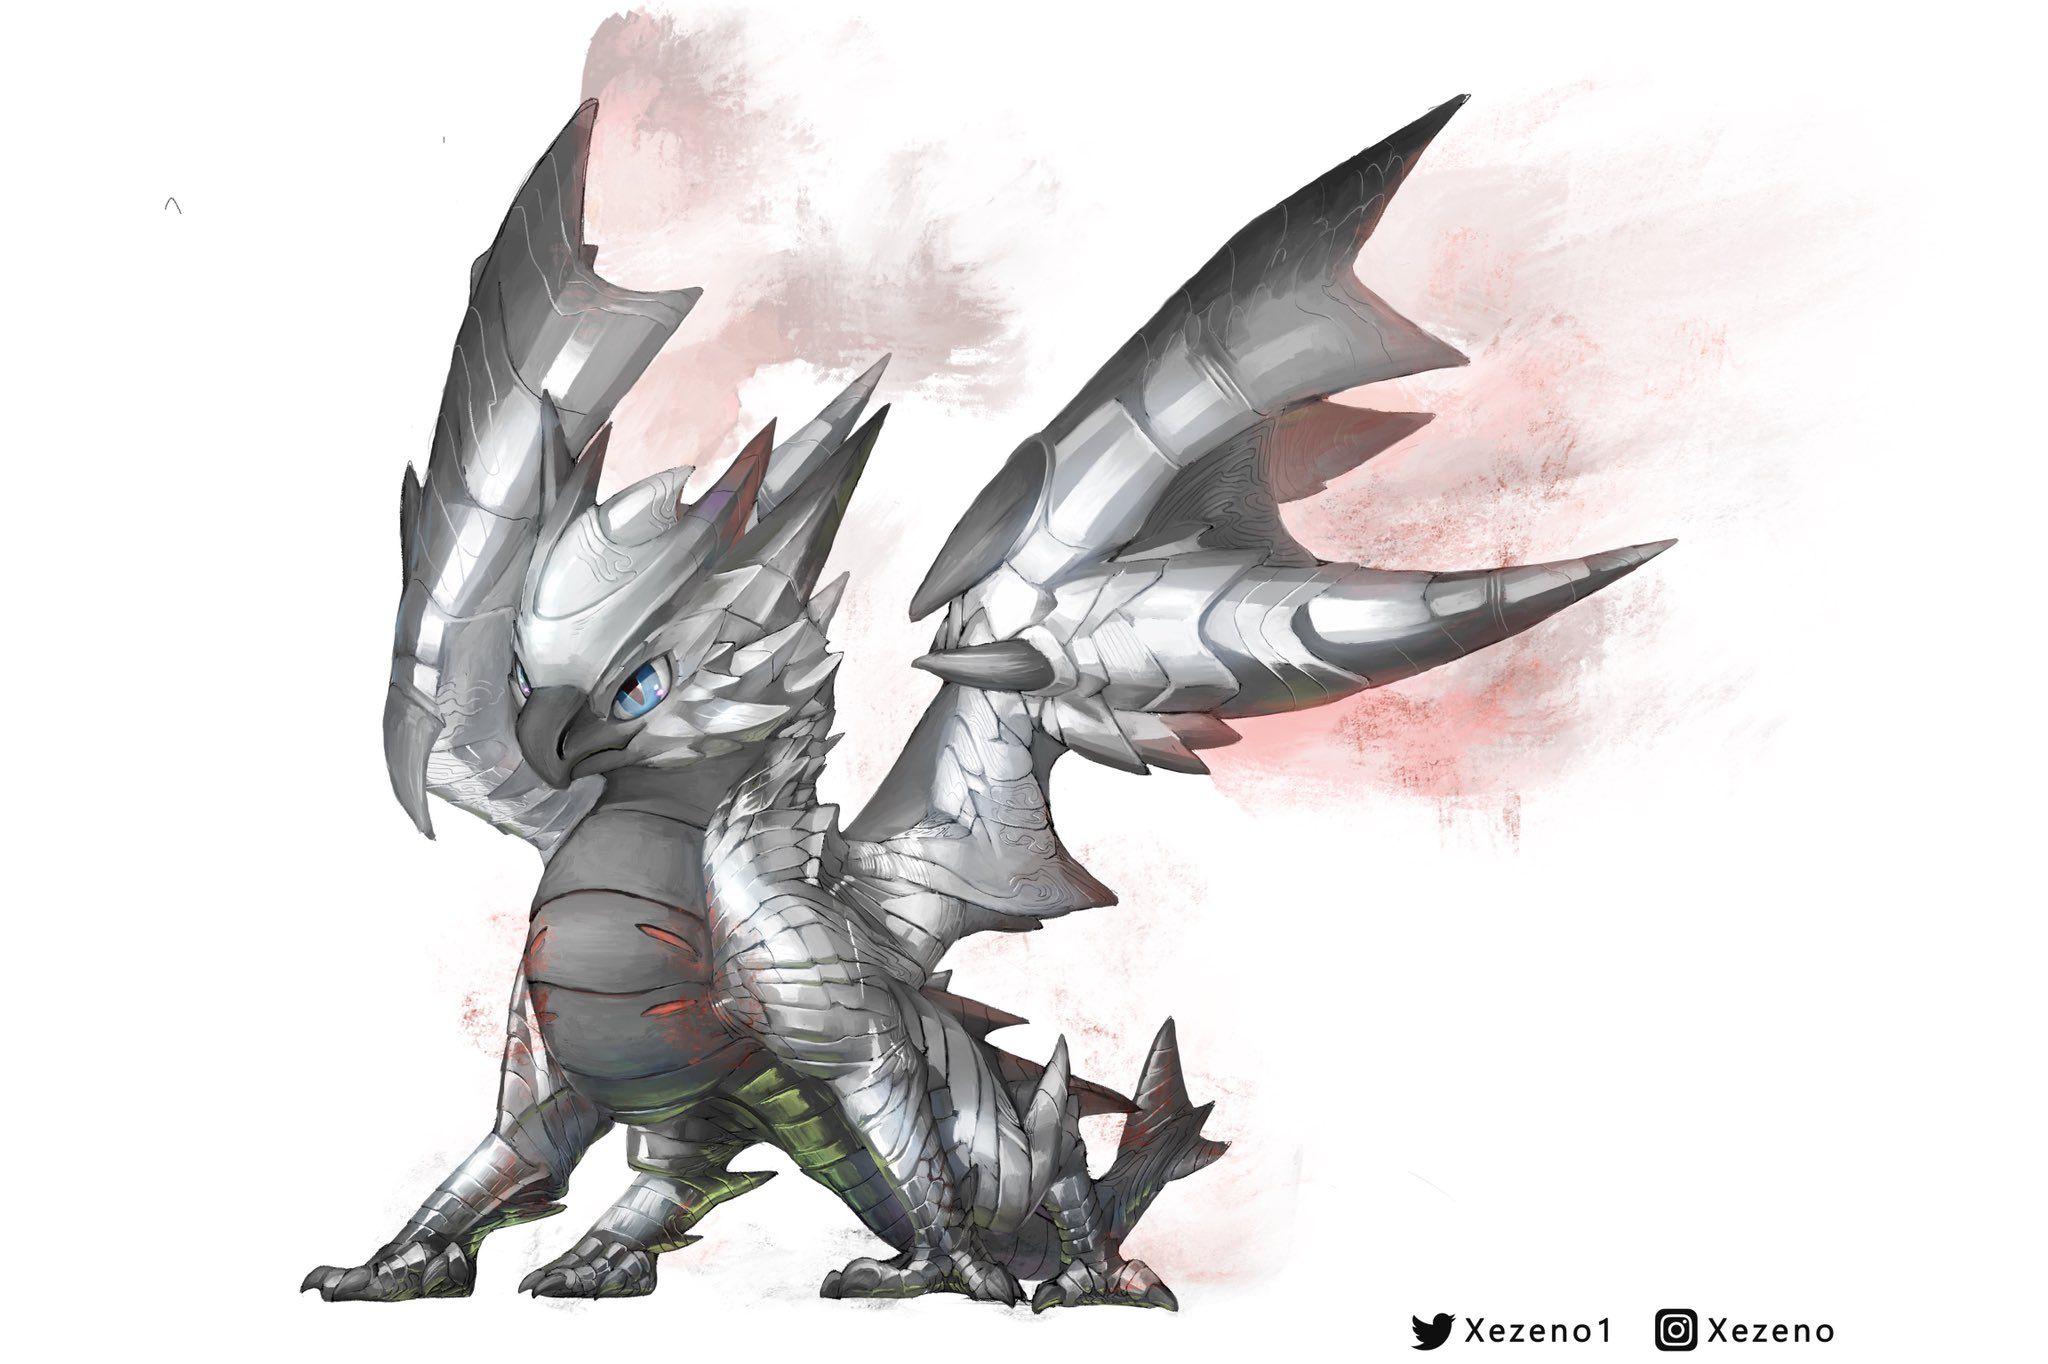 Marcus Hii On Twitter Monster Hunter Art Monster Hunter Series Monster Hunter World